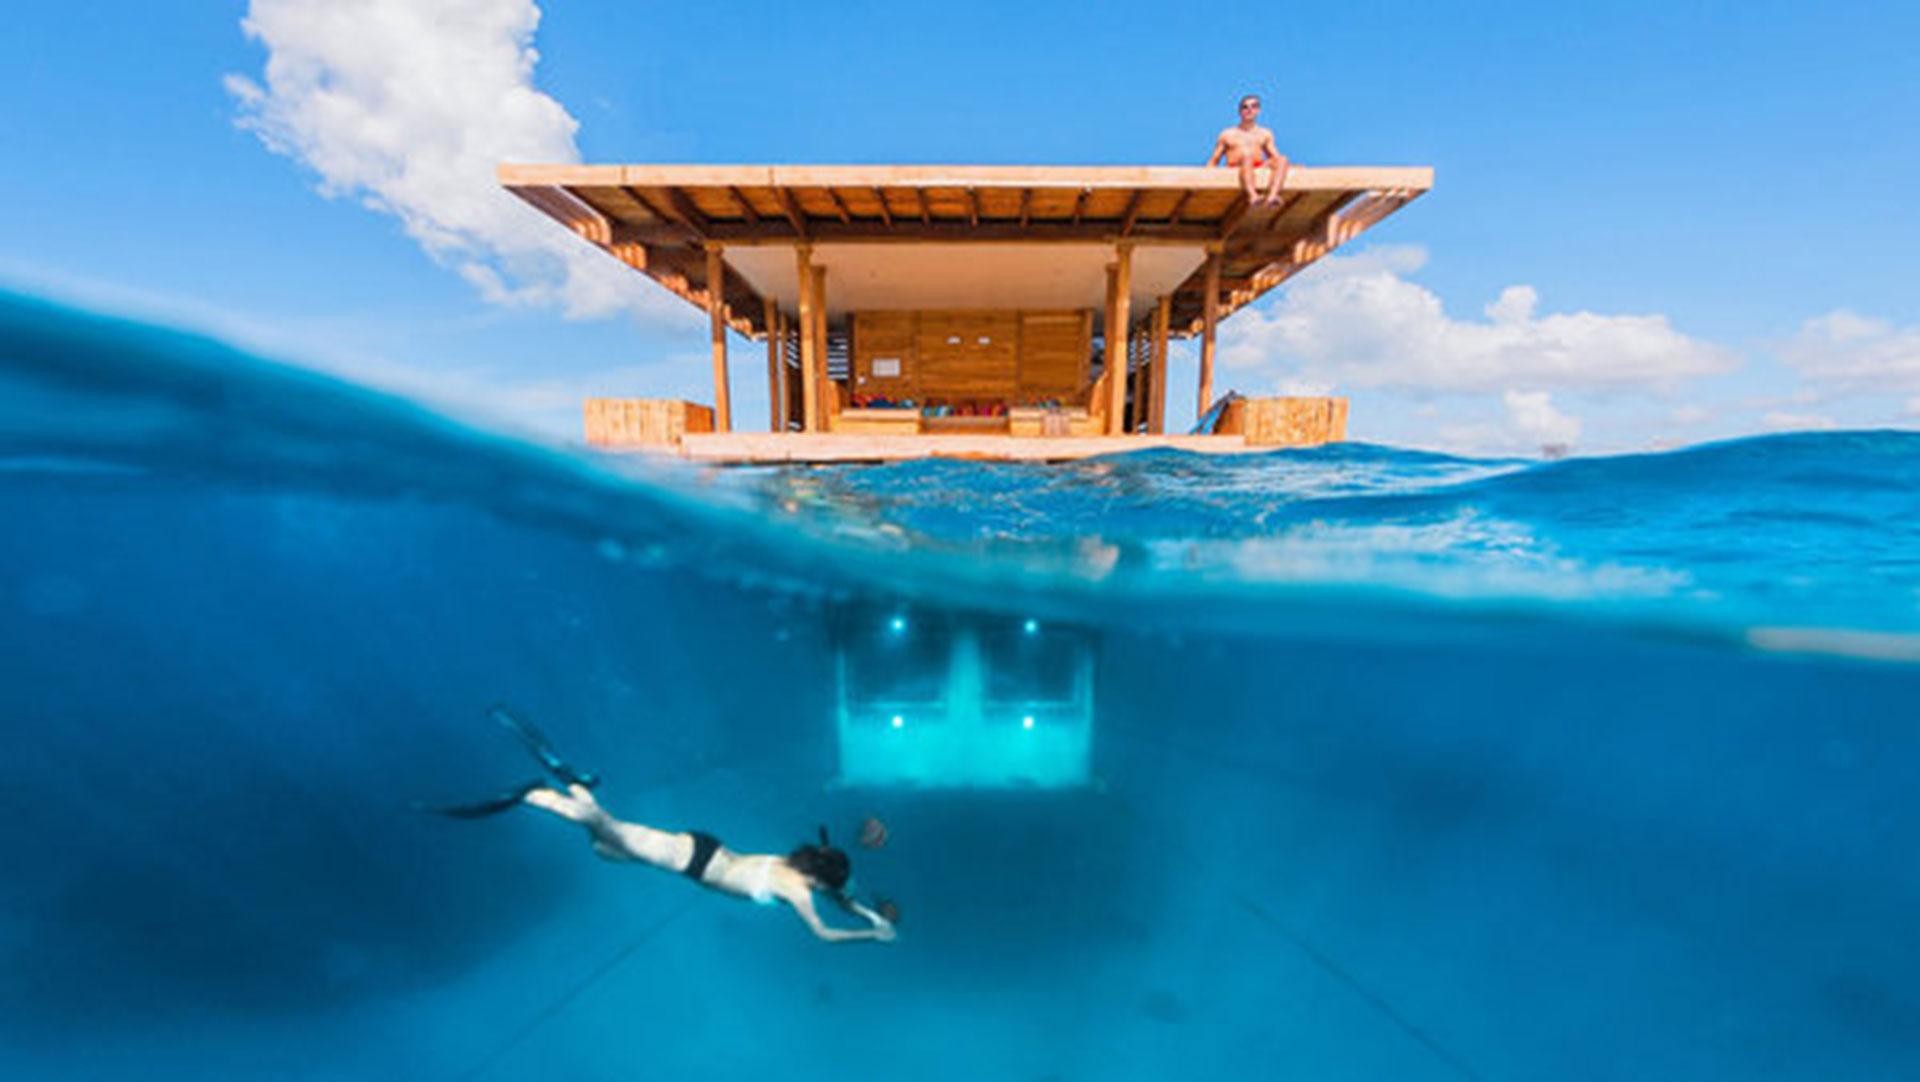 The Manta Resort (Isla Pemba, en el archipiélago de Zanzibar, Tanzania). Cada habitación es una pequeña isla flotante, con cuartos subacuáticos